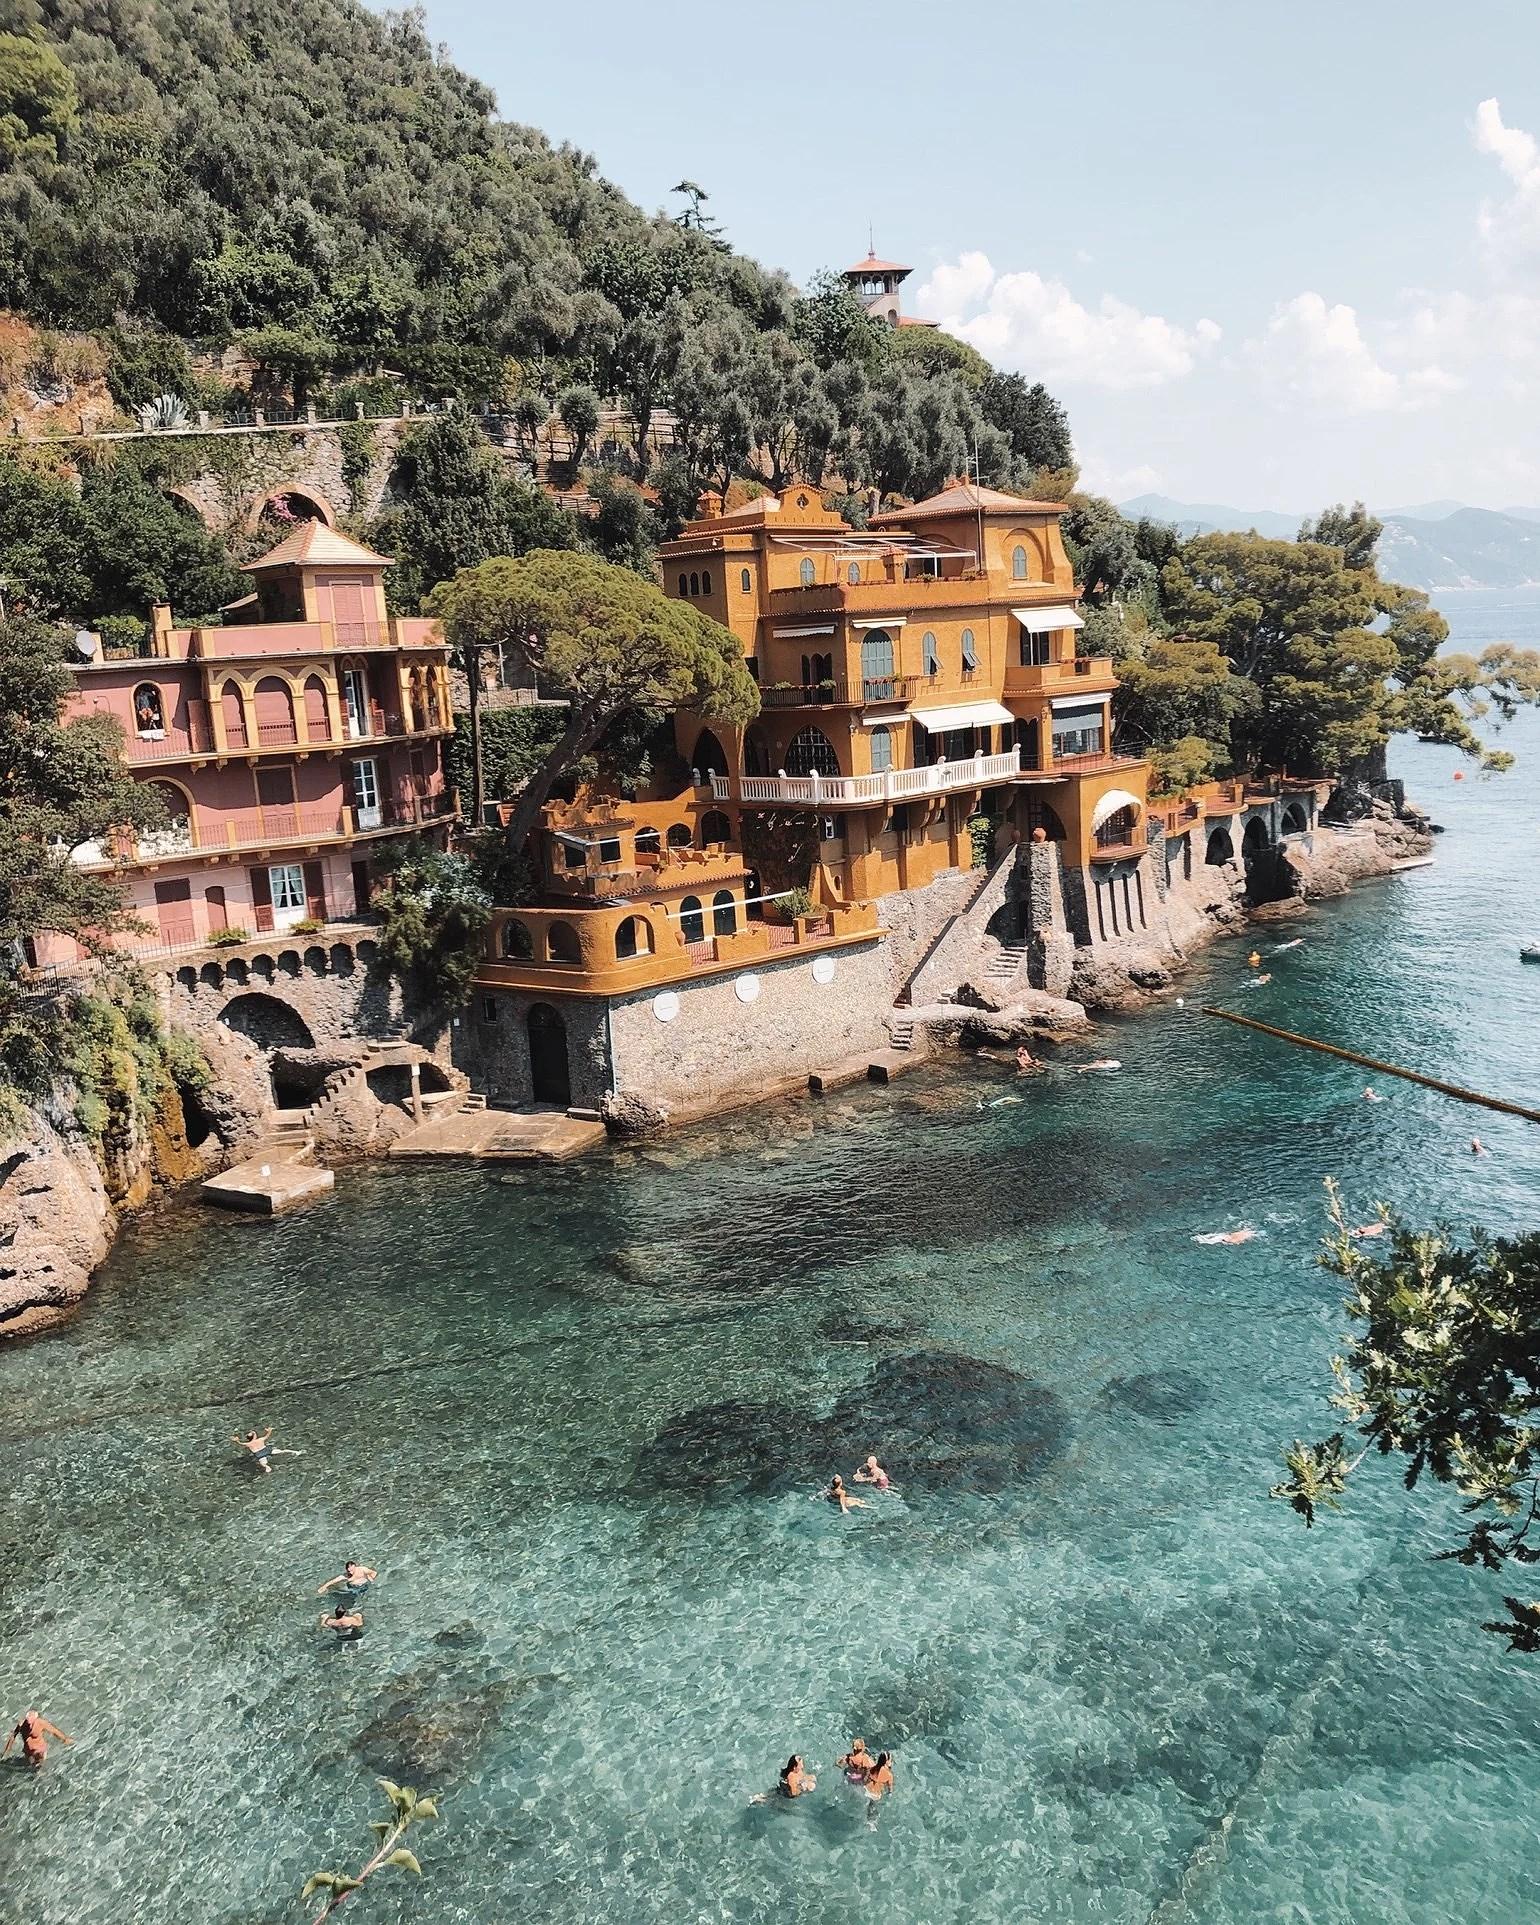 ITALIEN GUIDE